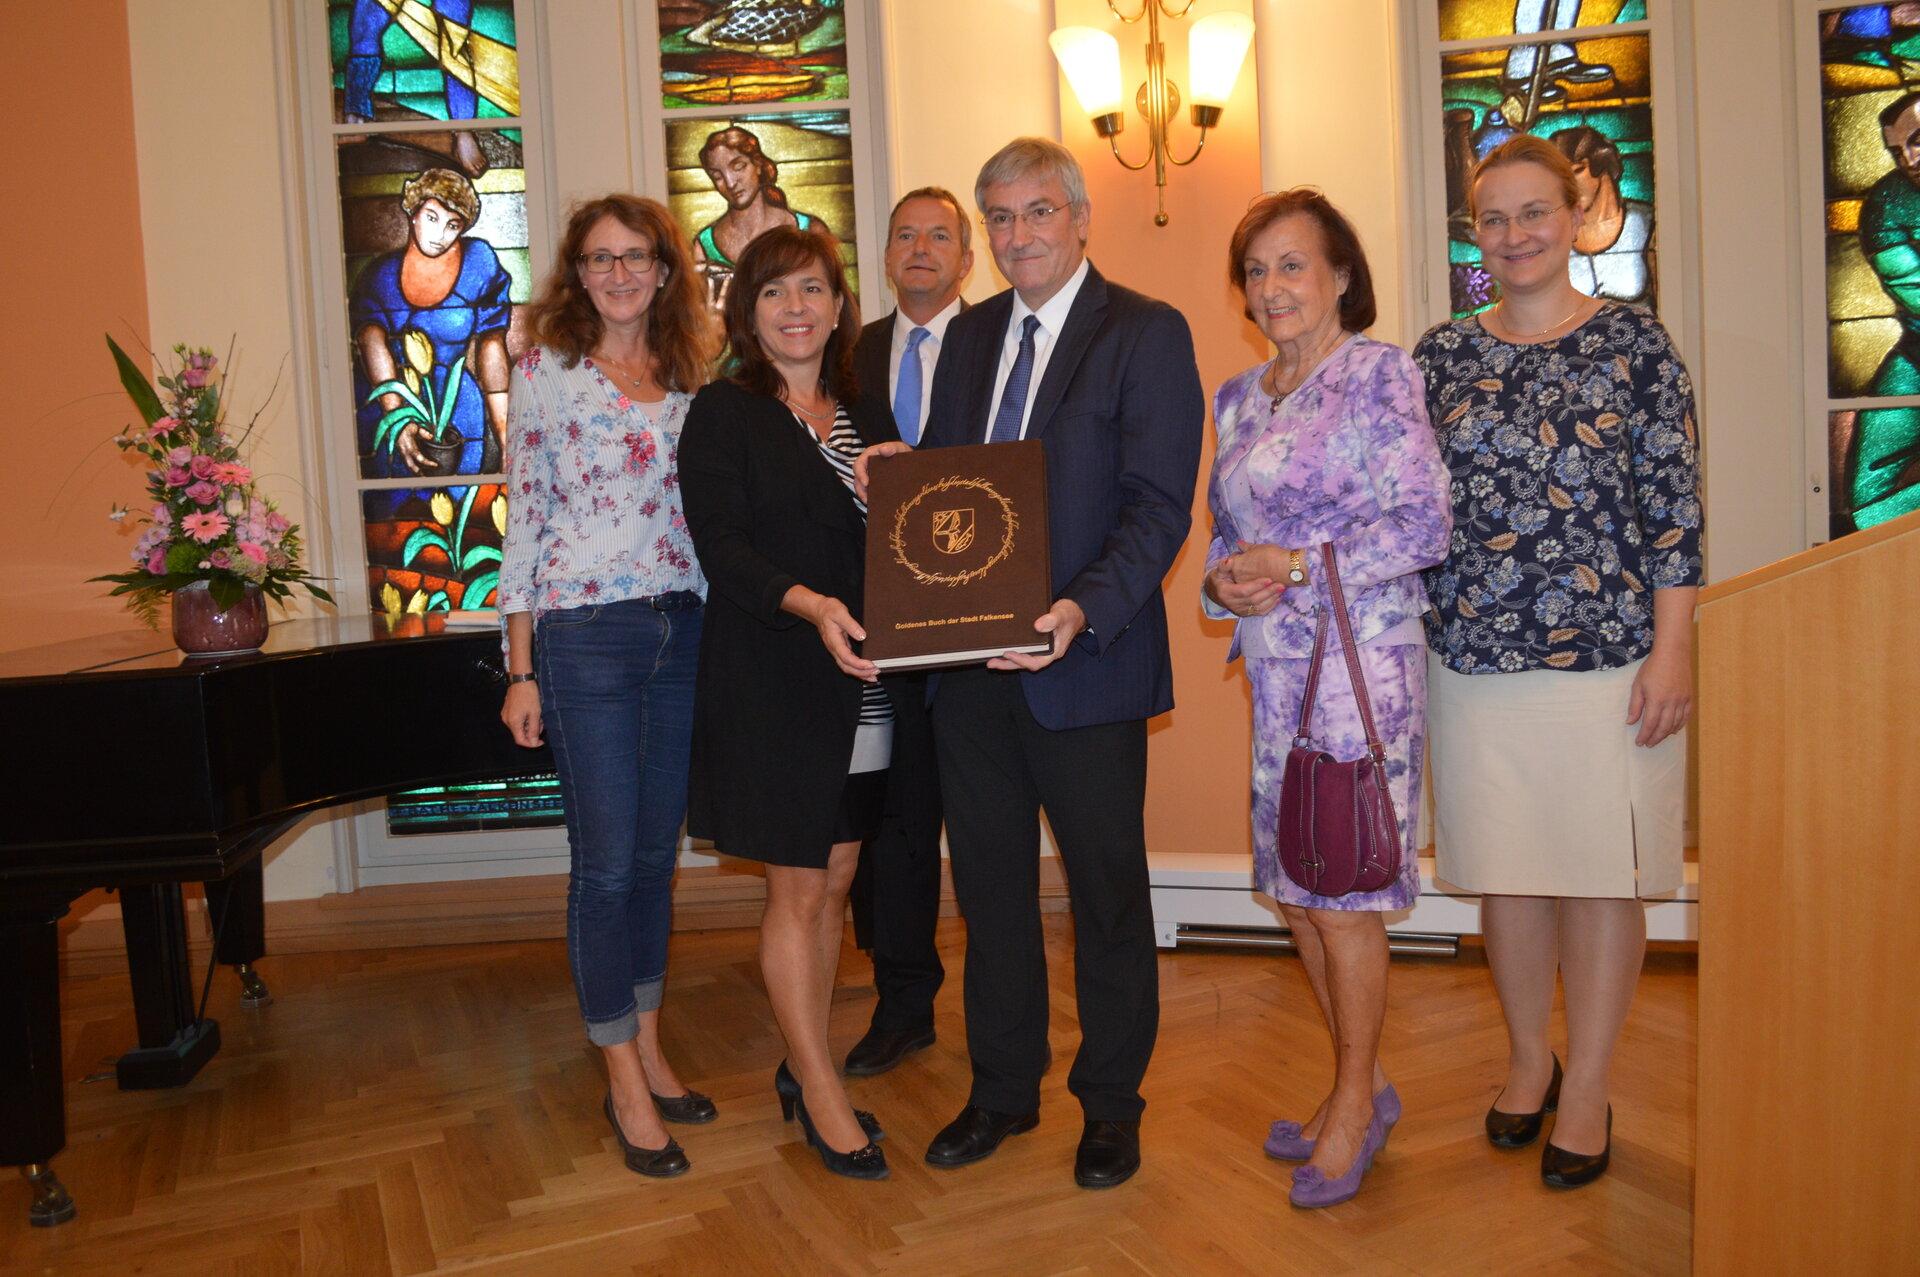 Zum Tag des offenen Denkmals im Jahr 2018 präsentierten Bürgermeister Heiko Müller und Barbara Richstein, die damalige Vorsitzende der Stadtverordnetenversammlung, anlässlich des 100. Geburtstages des Rathauses das Goldene Buch der Stadt Falkensee.